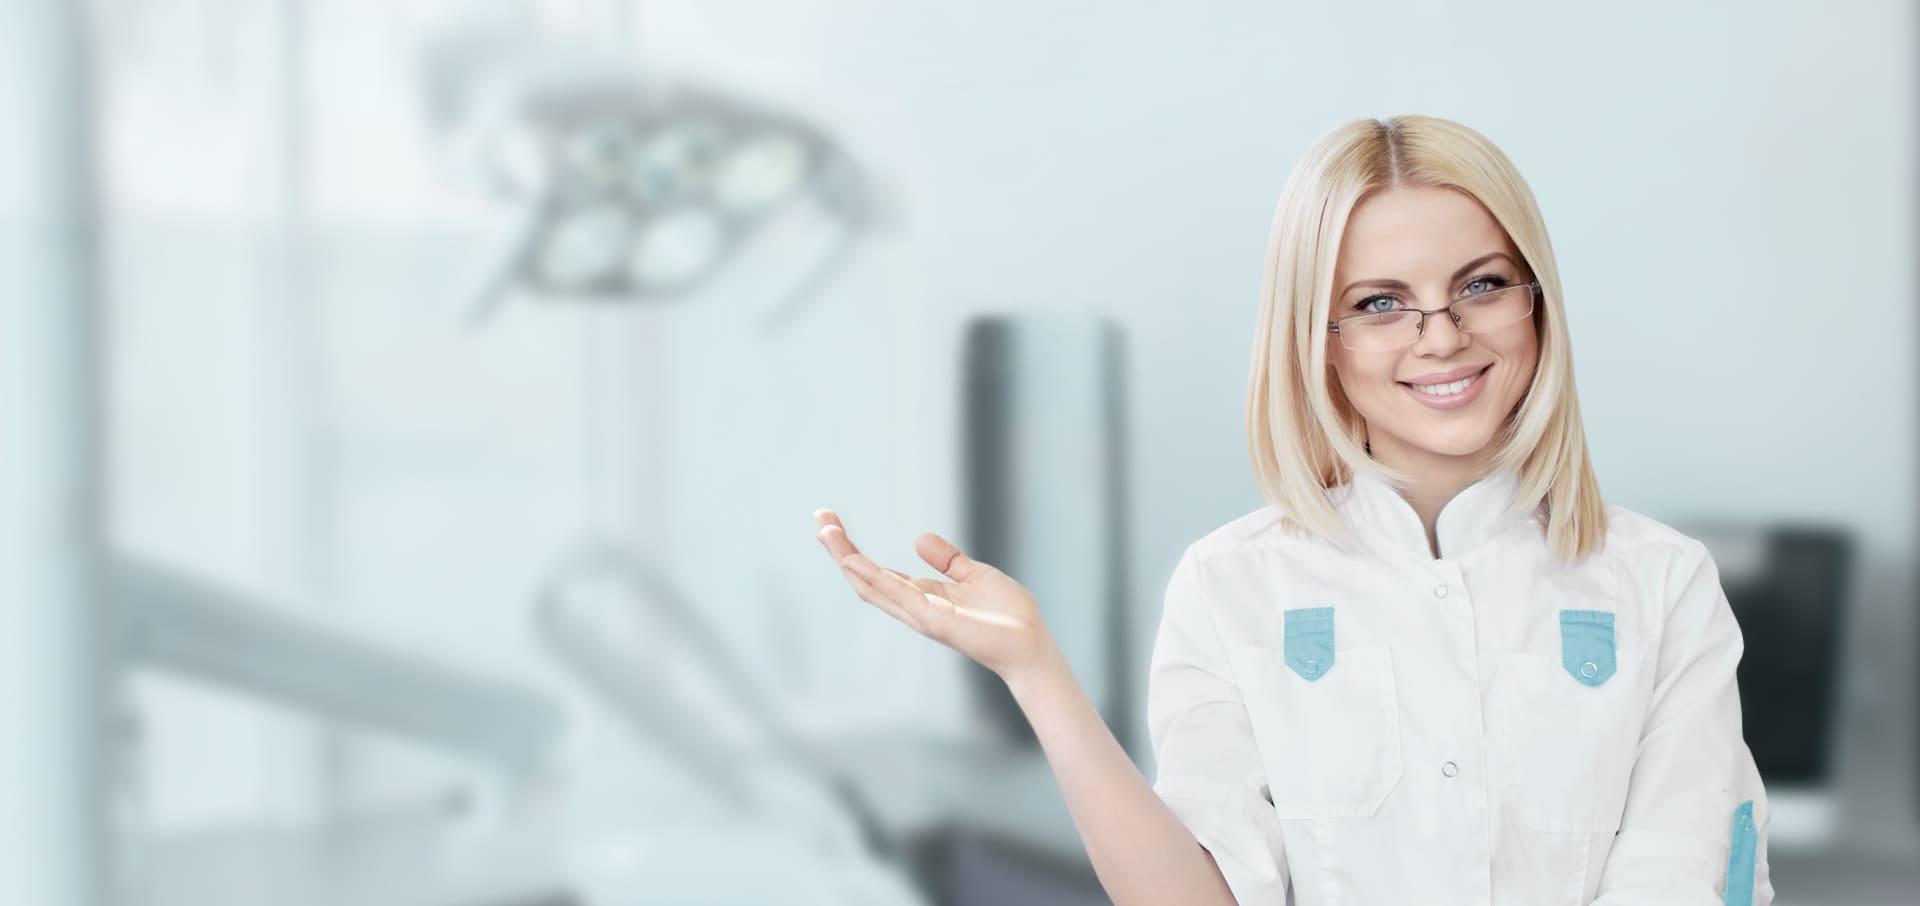 Стоматологическая клиника в Воронеже 2